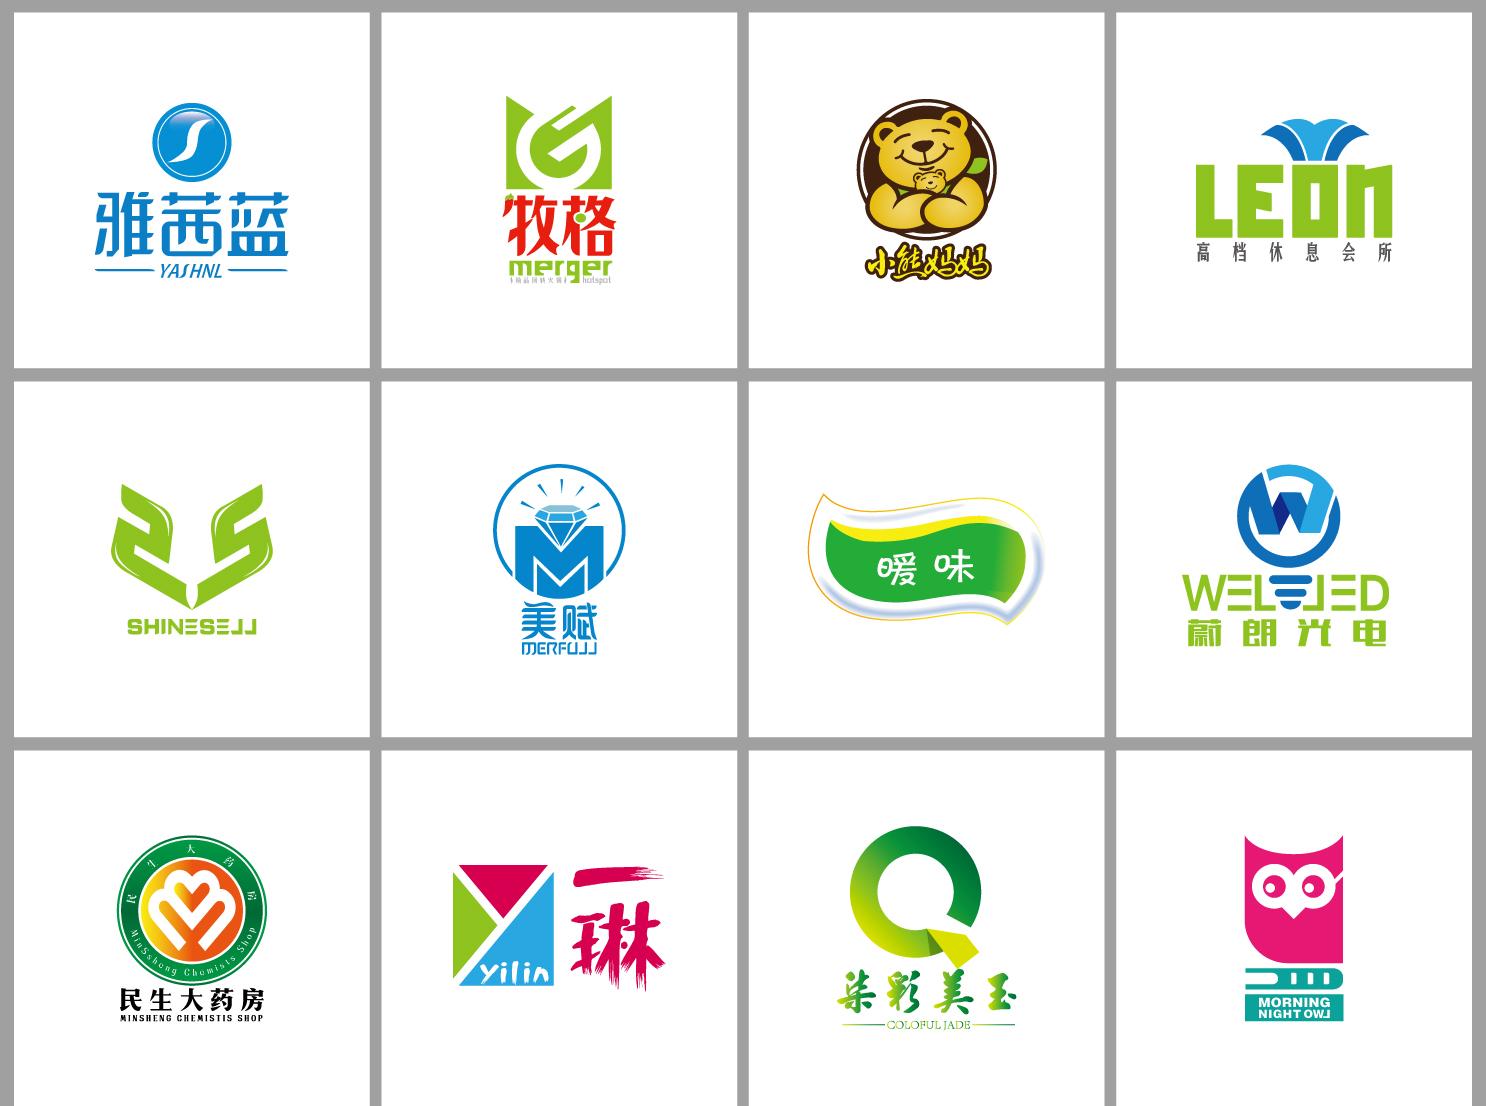 满意原创公司企业品牌商标店铺产品LOGO标志图文logo设计